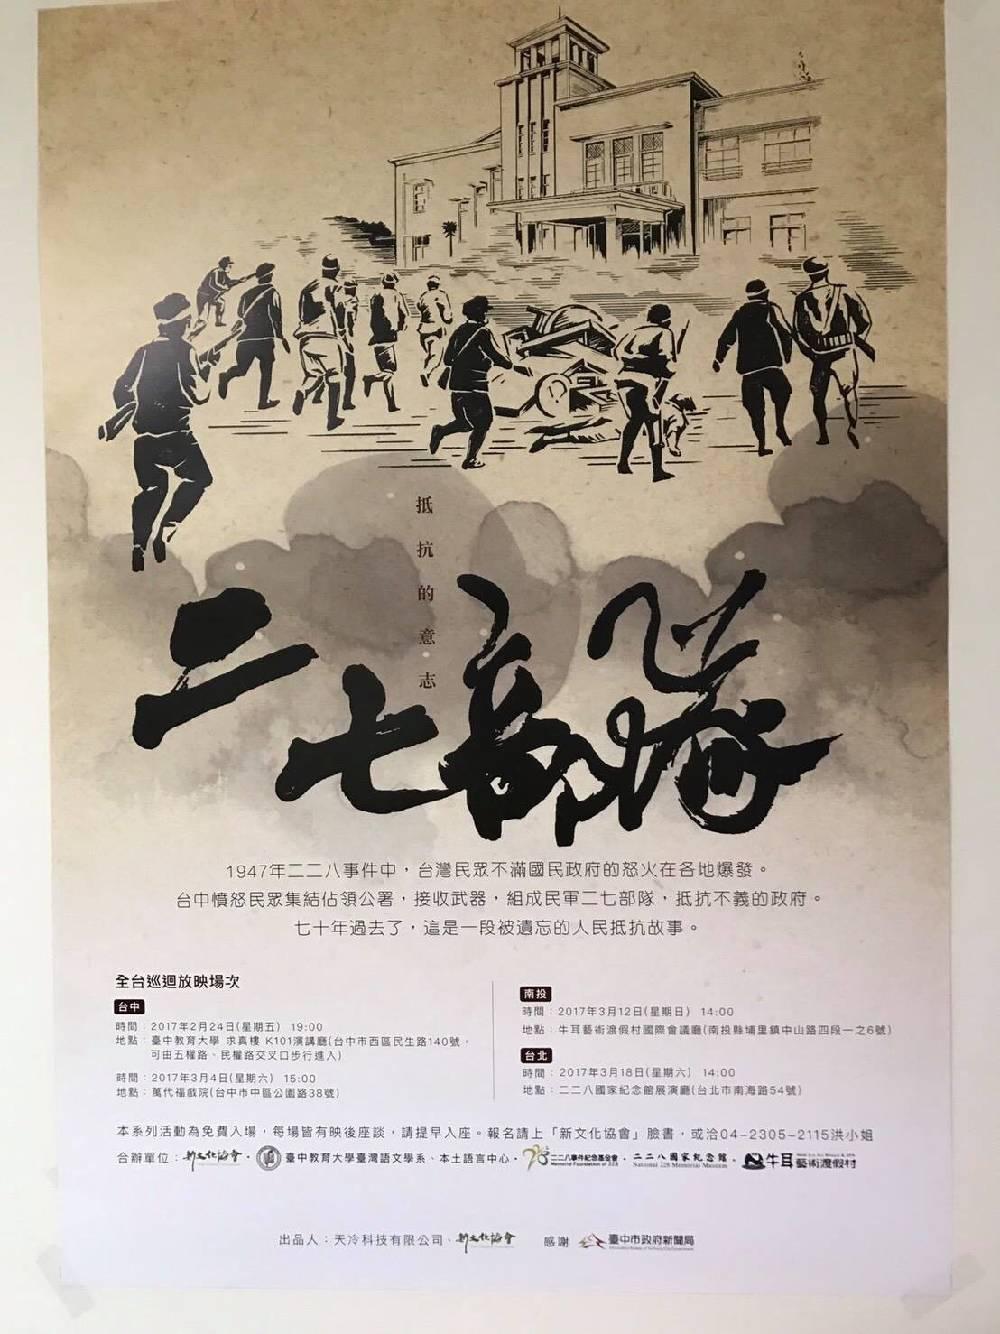 「二七部隊」紀錄片巡迴展活動文宣